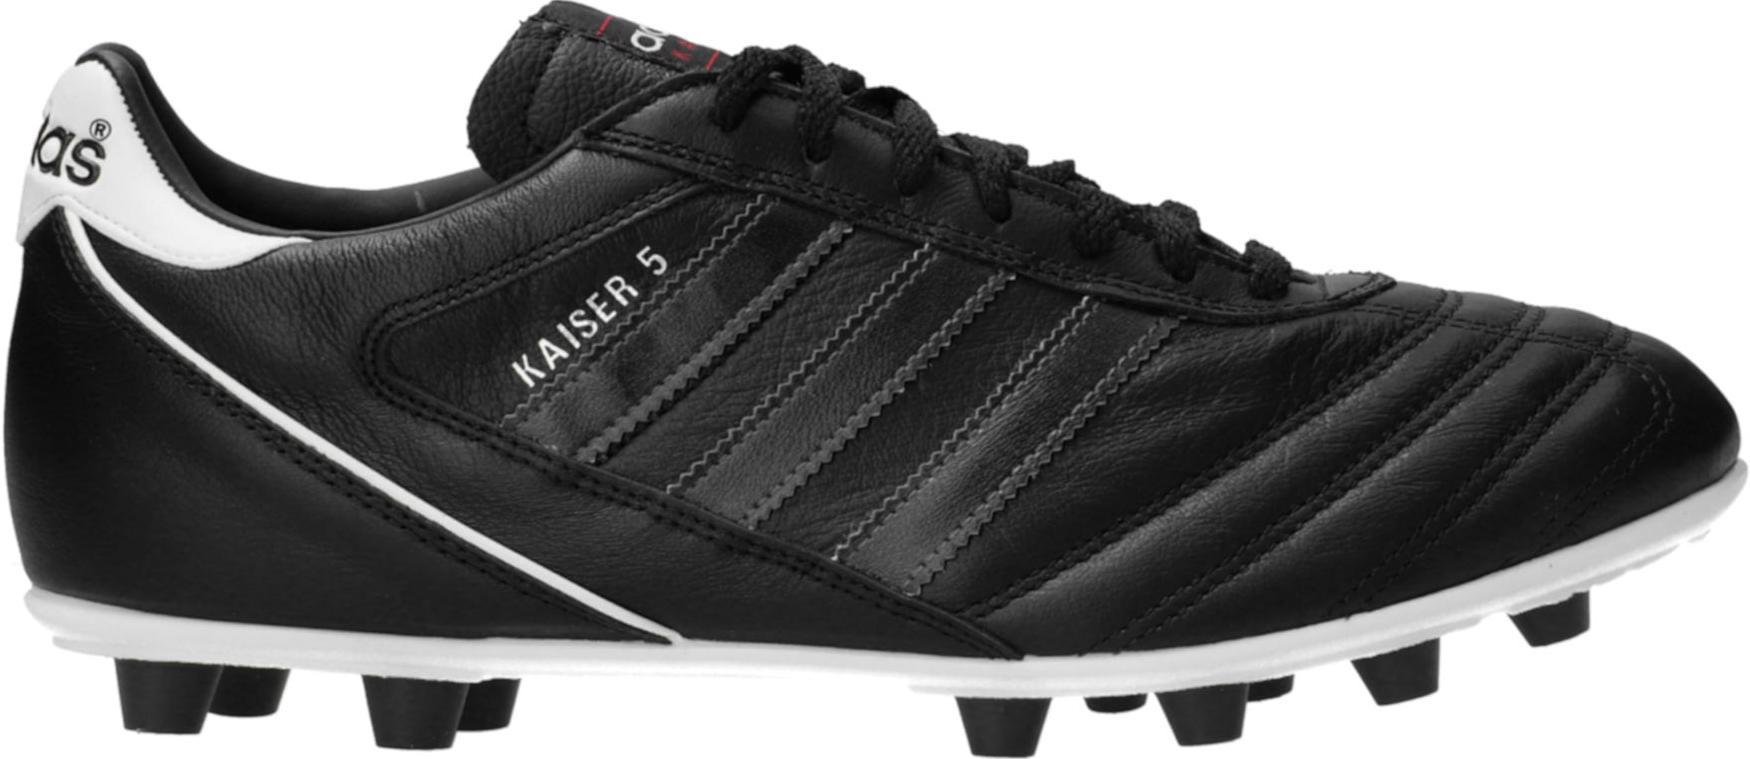 Kopačky adidas  Kaiser 5 Liga FG Black Stripes Schwarz černá